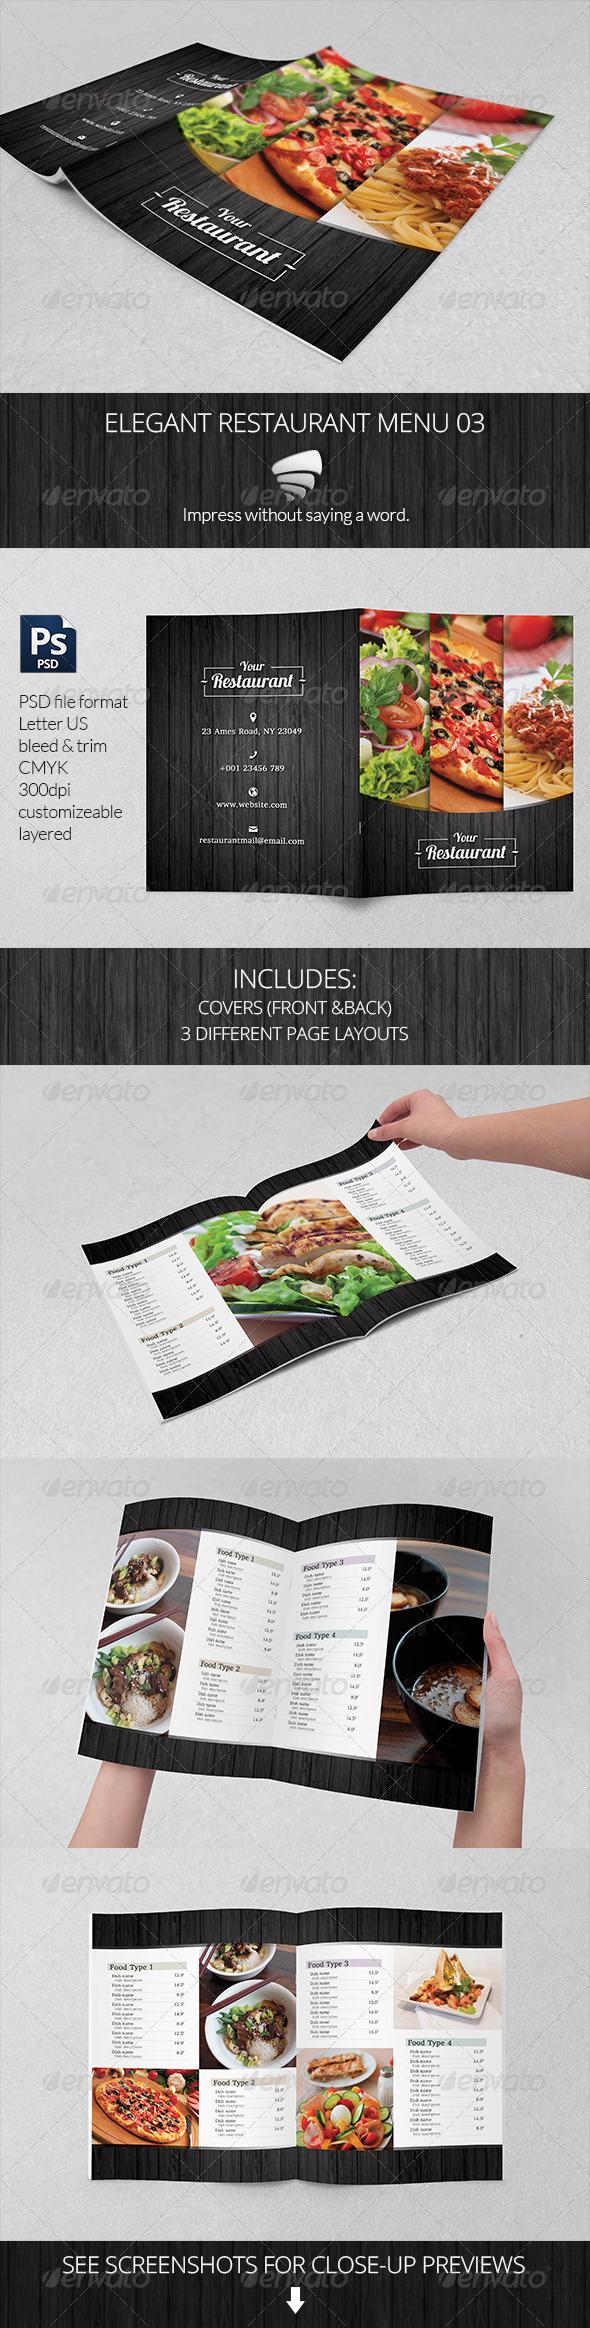 GraphicRiver Elegant Restaurant Menu 03 6953680